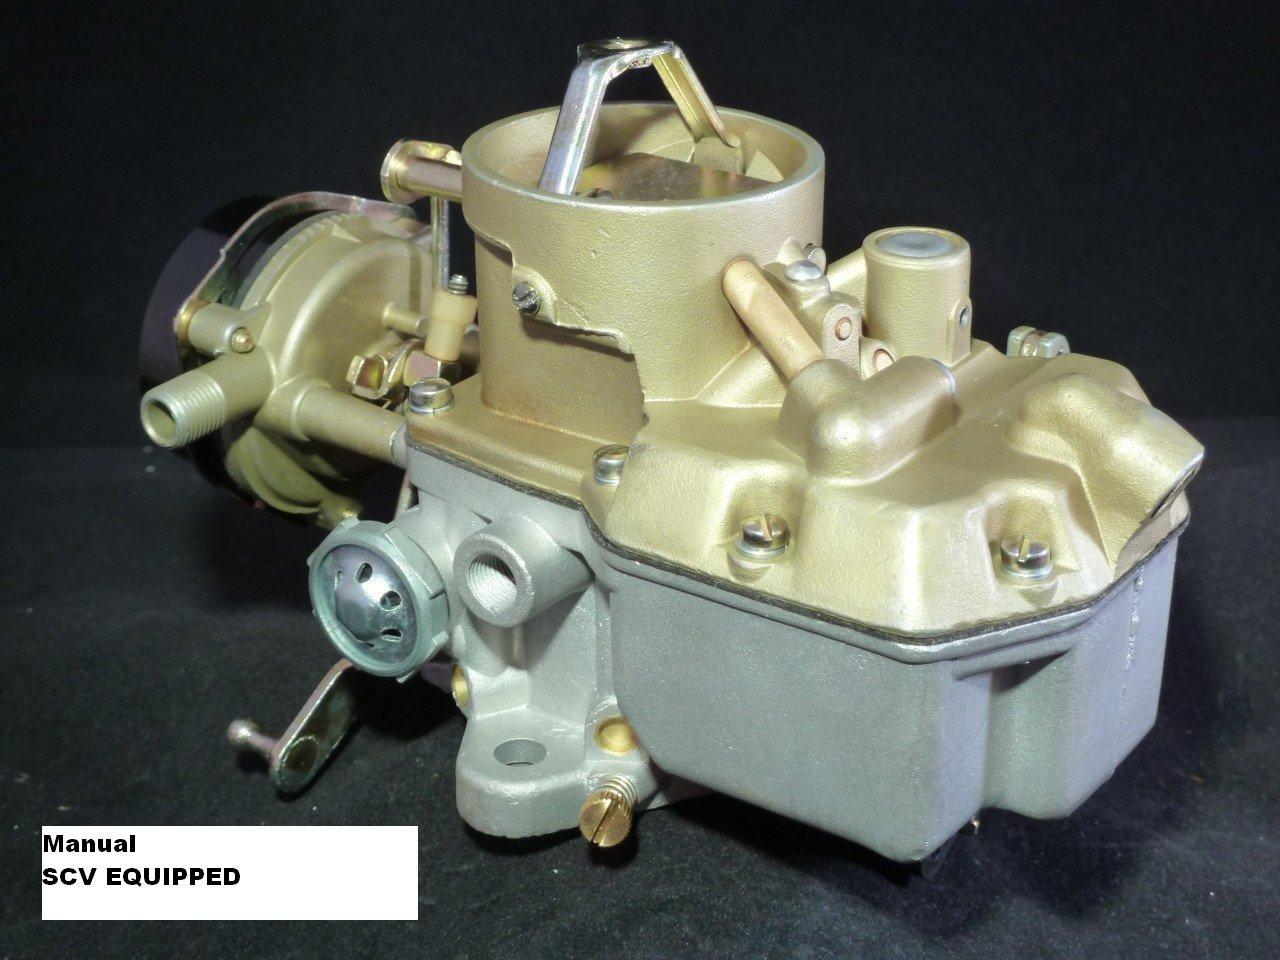 304585d1389525780 1964 1968 6 cylinder carburetor guide manualscv 1964 1968 6 cylinder carburetor guide ford mustang forum